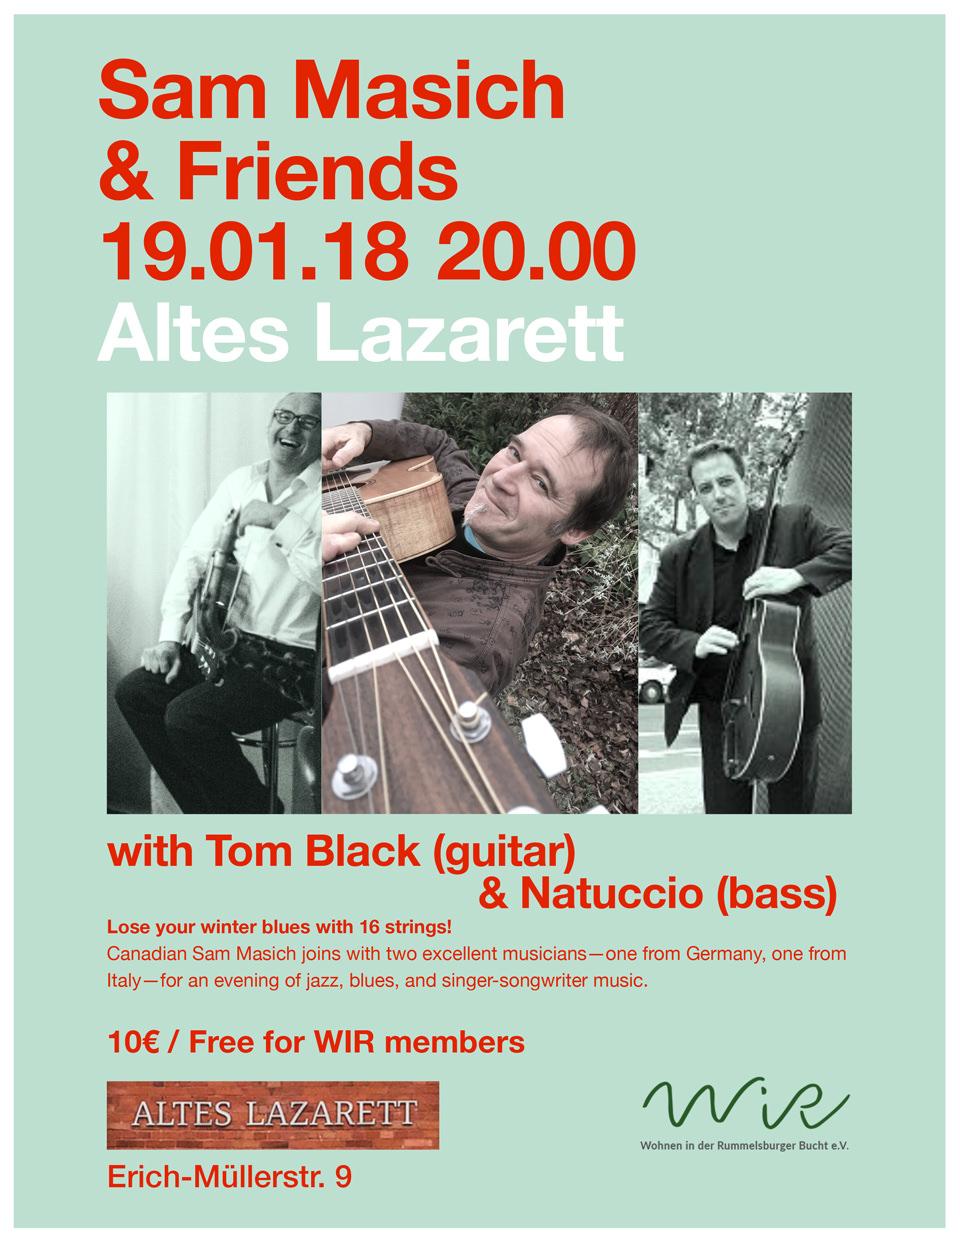 WiR – Wohnen in der Rummelsburger Bucht Nachbarschaftsverein – Konzert mit Sam Masich am 19. Januar 2018 im Alten Lazarett